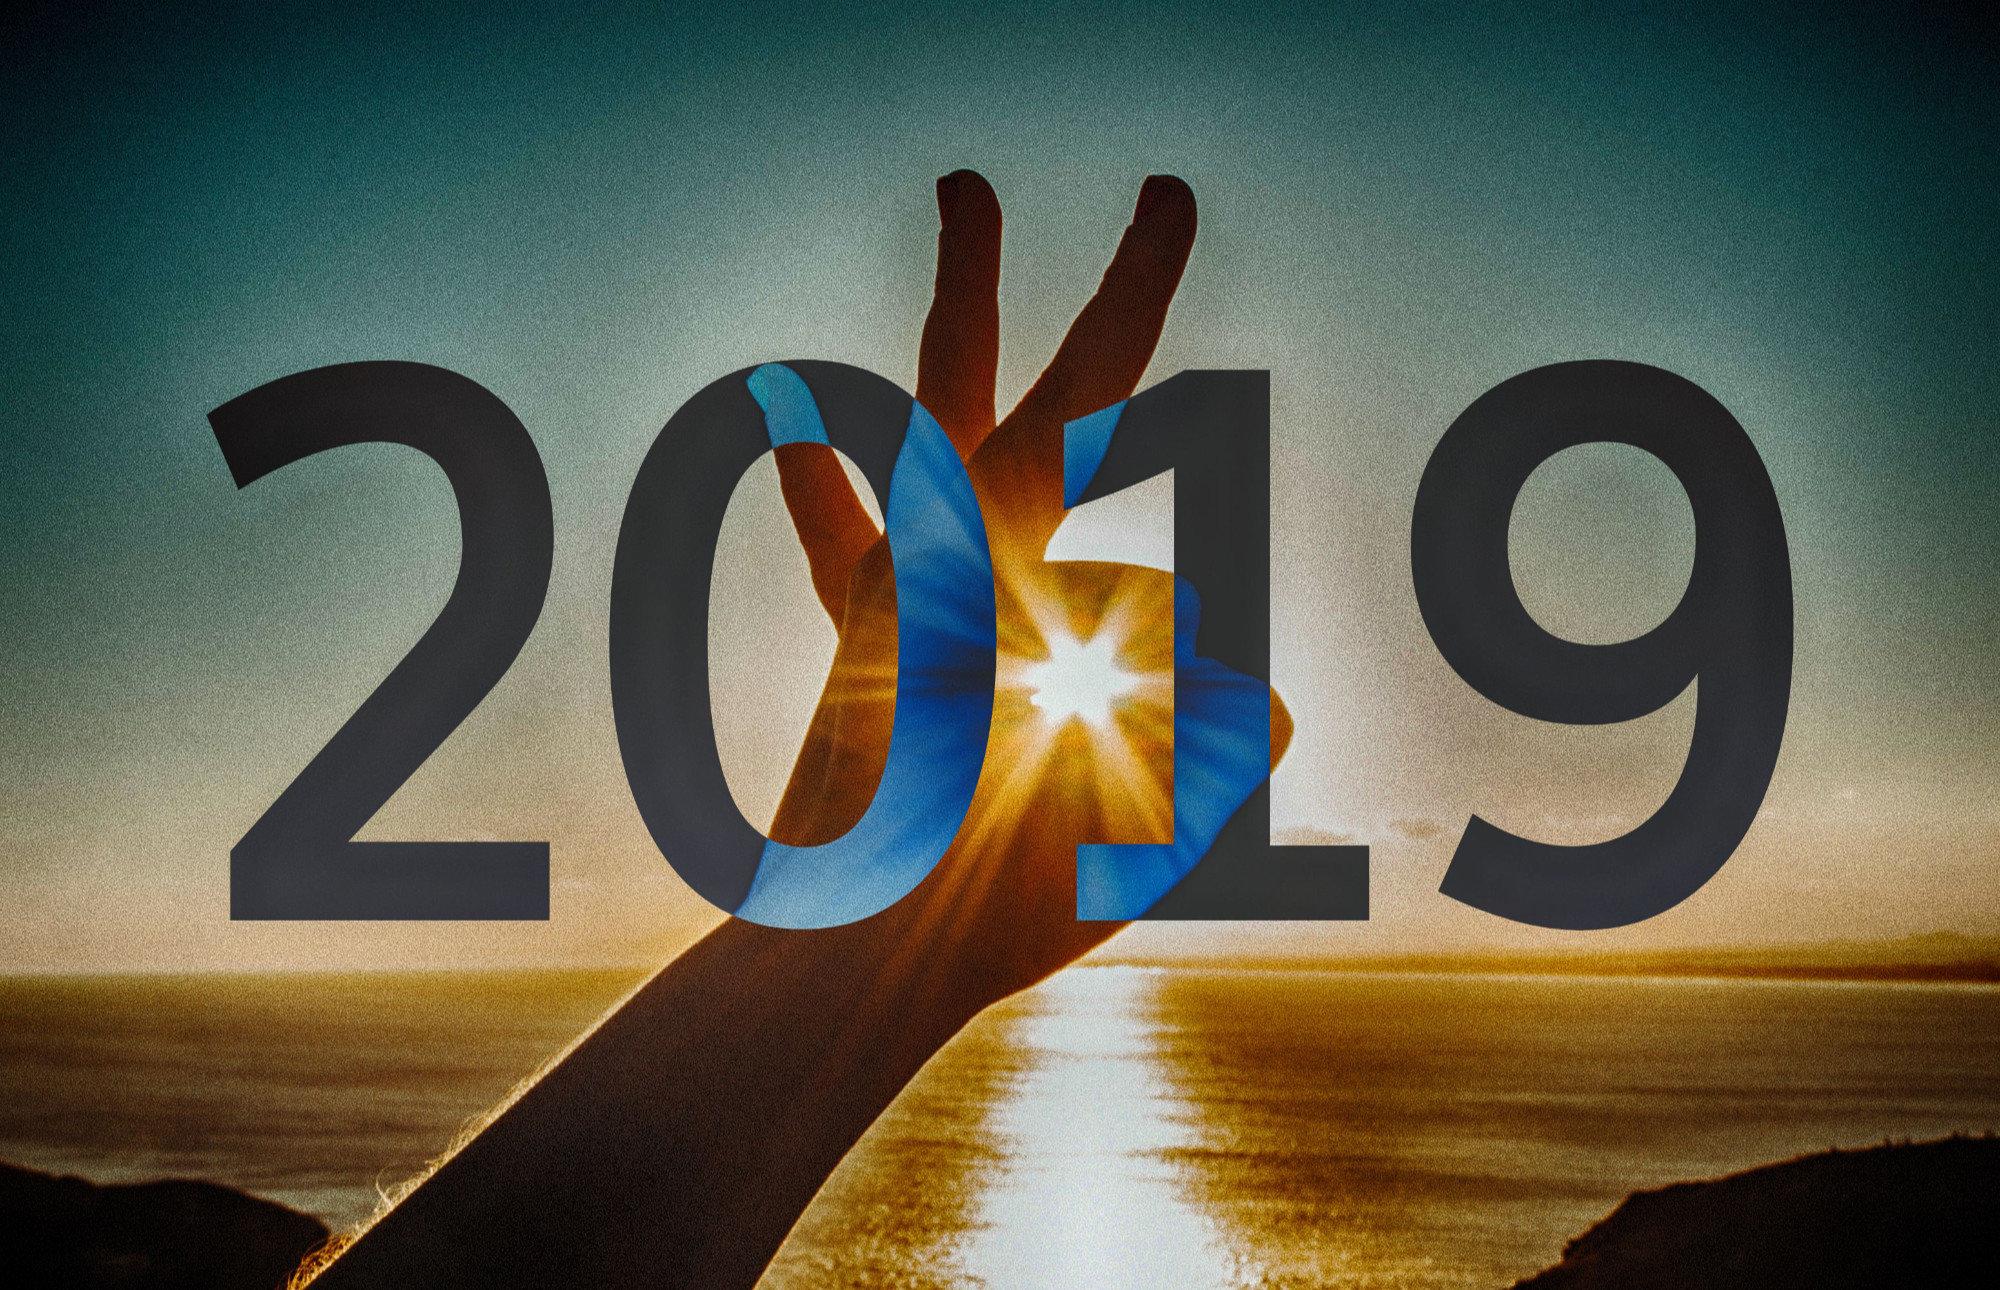 Ximilar 2019 Update